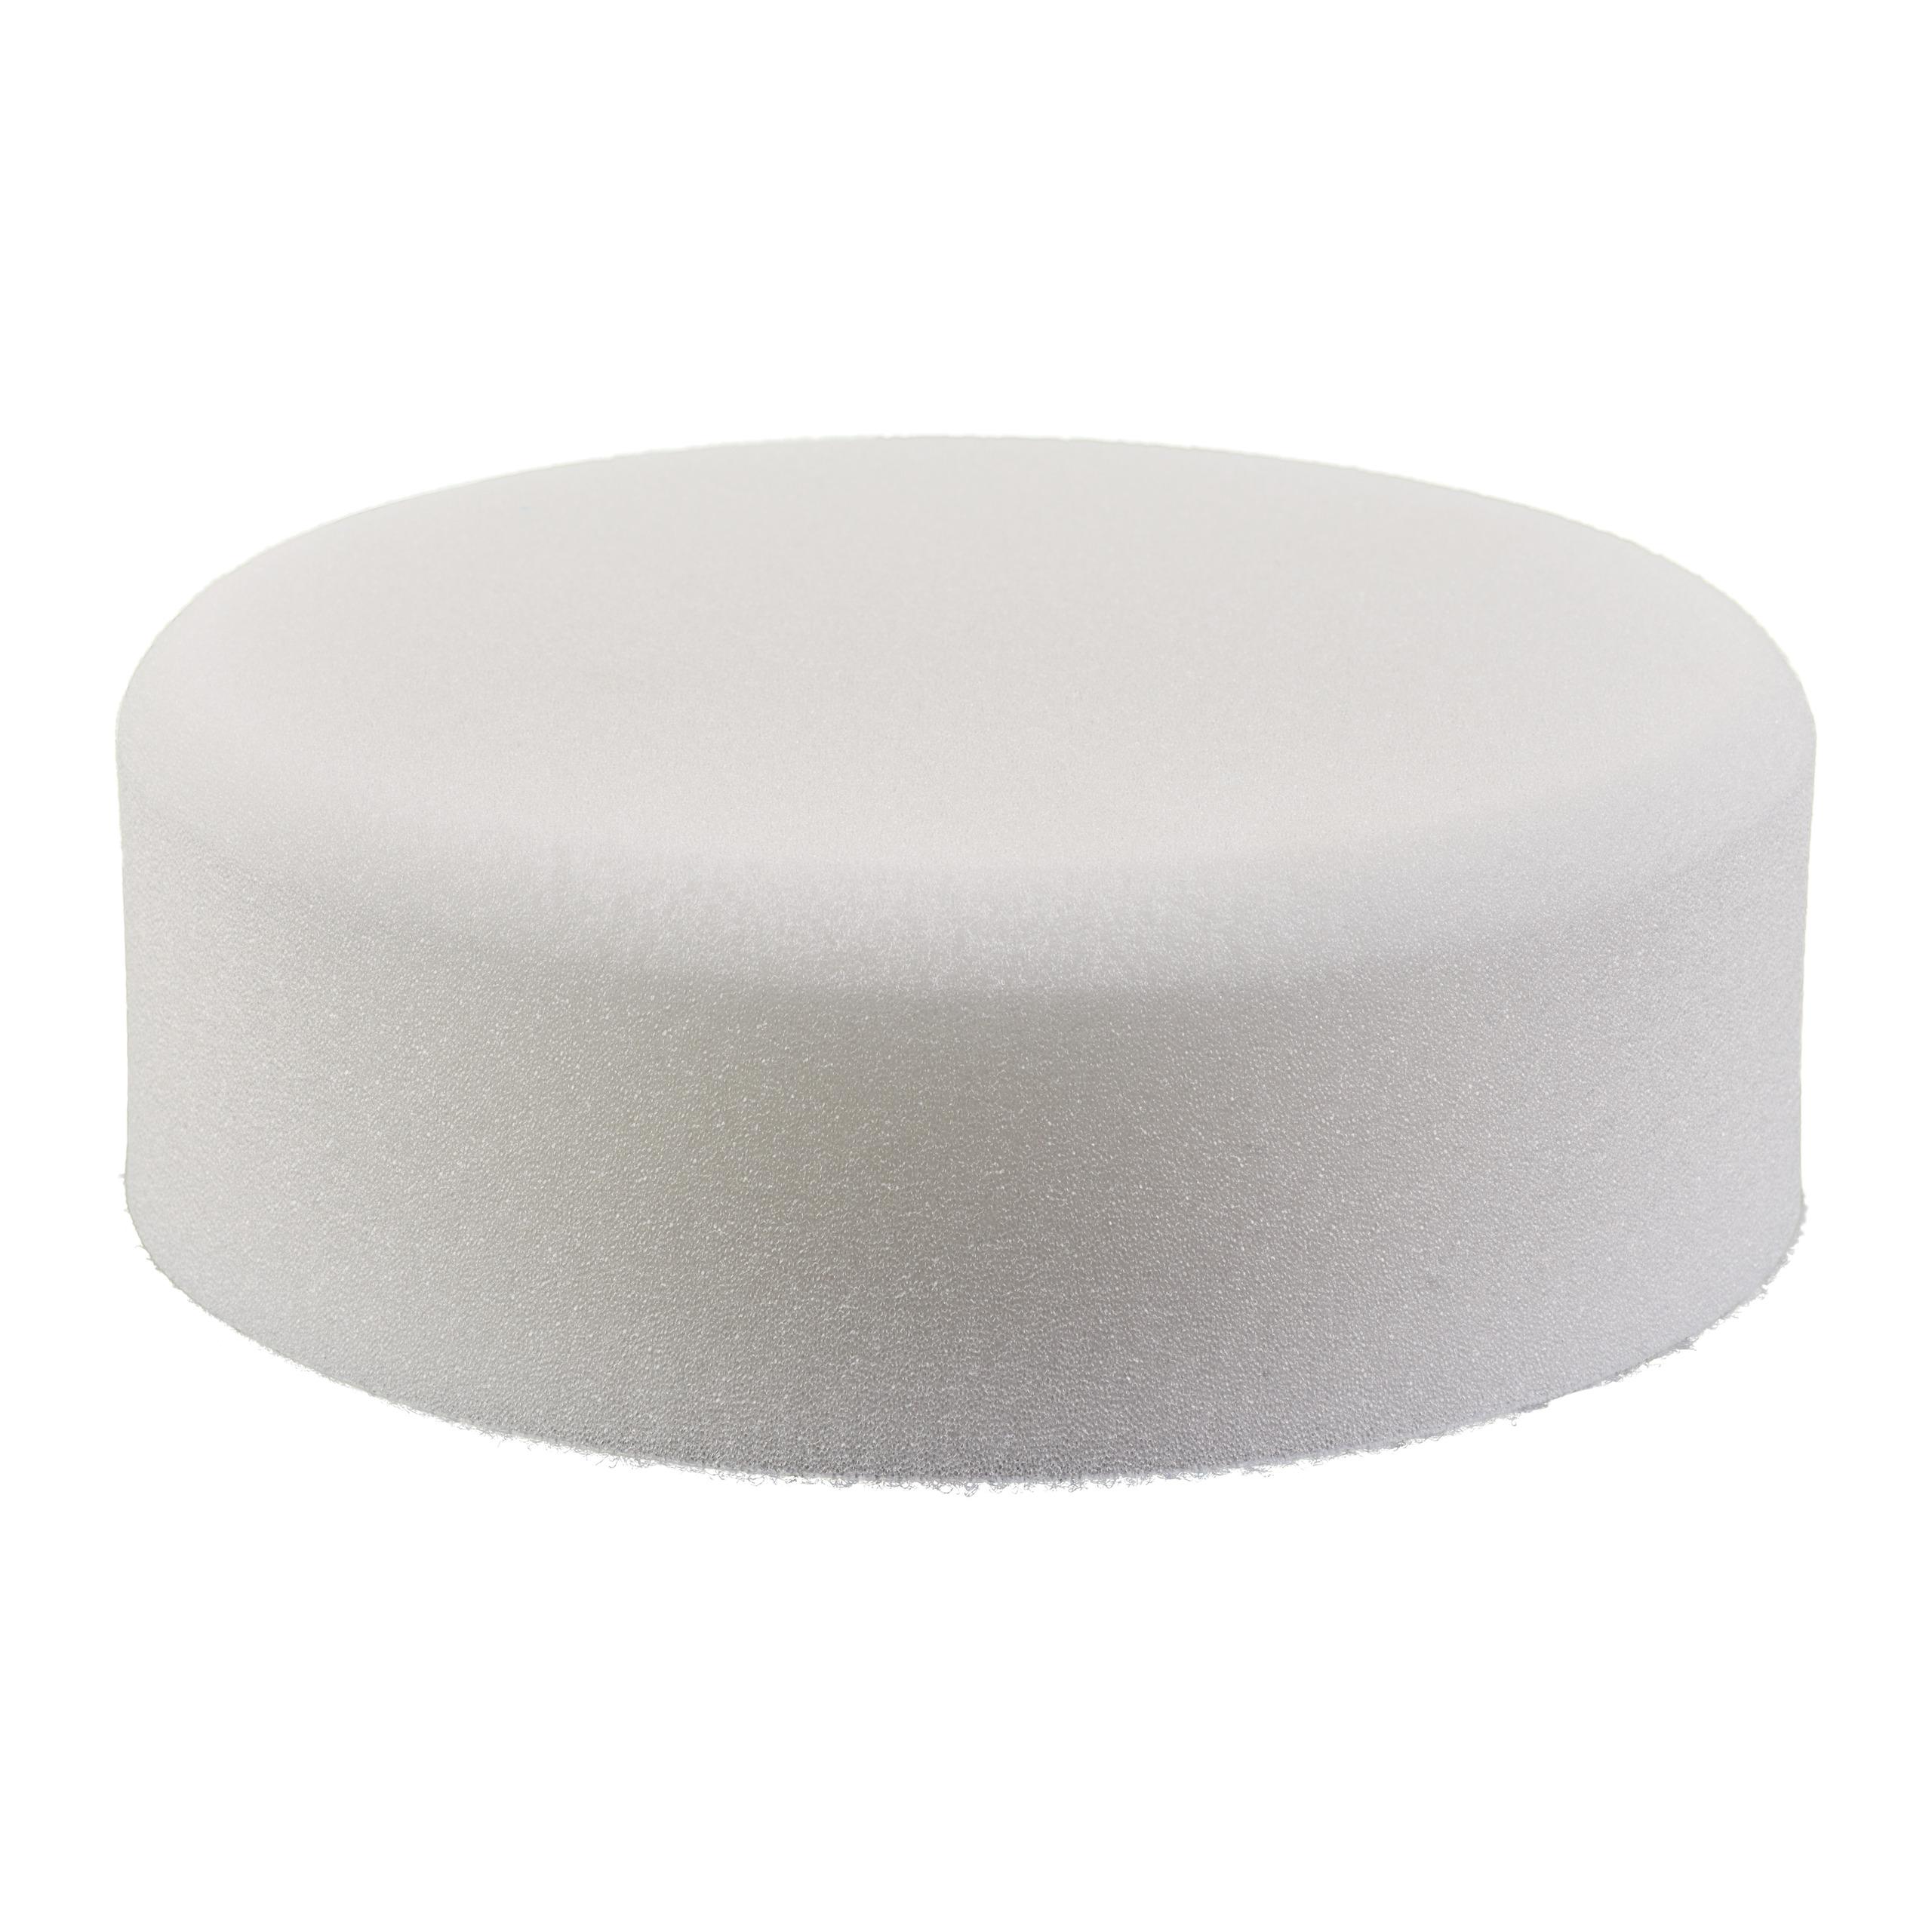 Leštící houba Ø150/50 mm